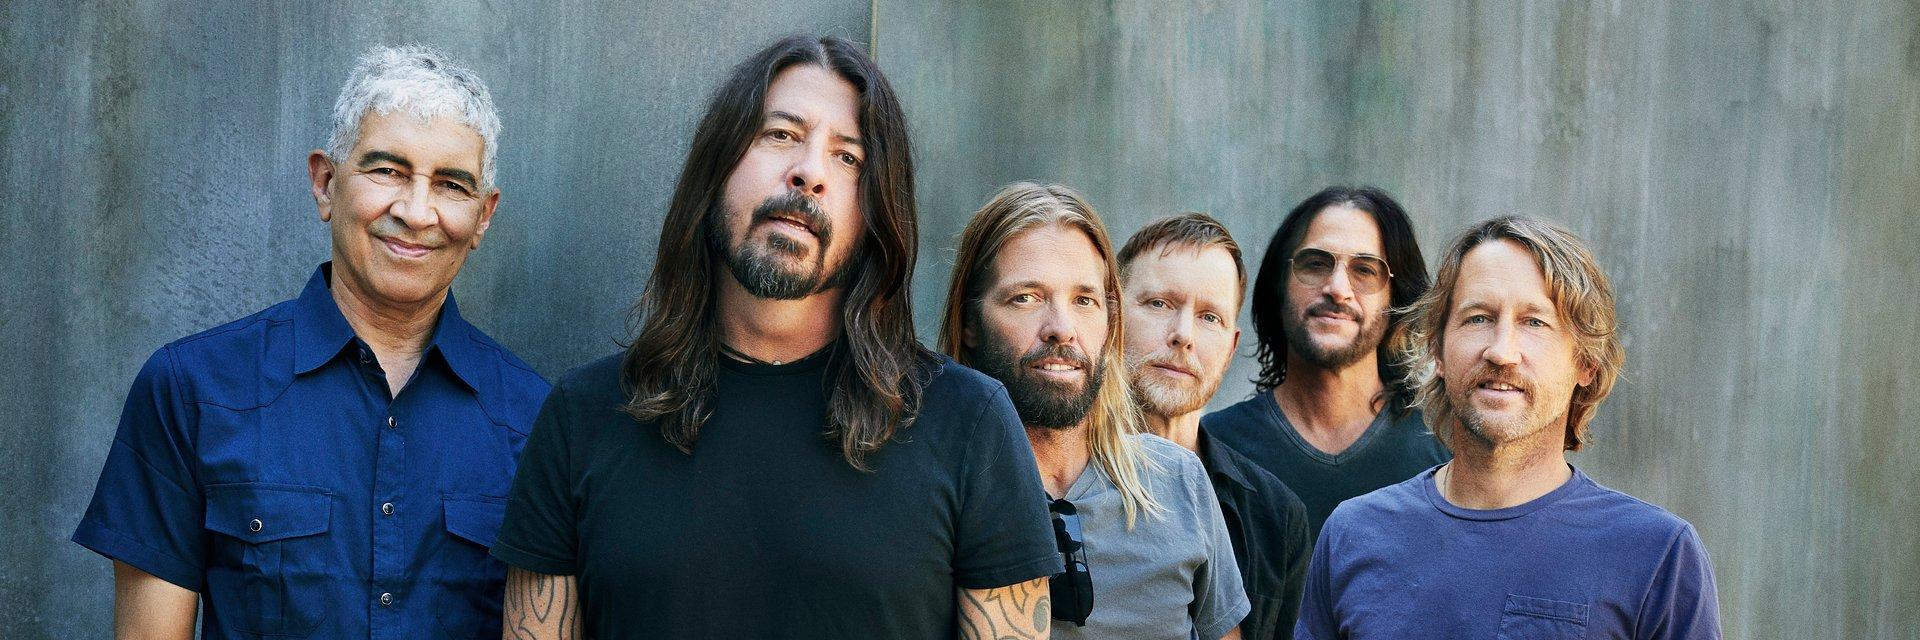 Foo Fighters pokazali nowy singiel w Saturday Night Live!